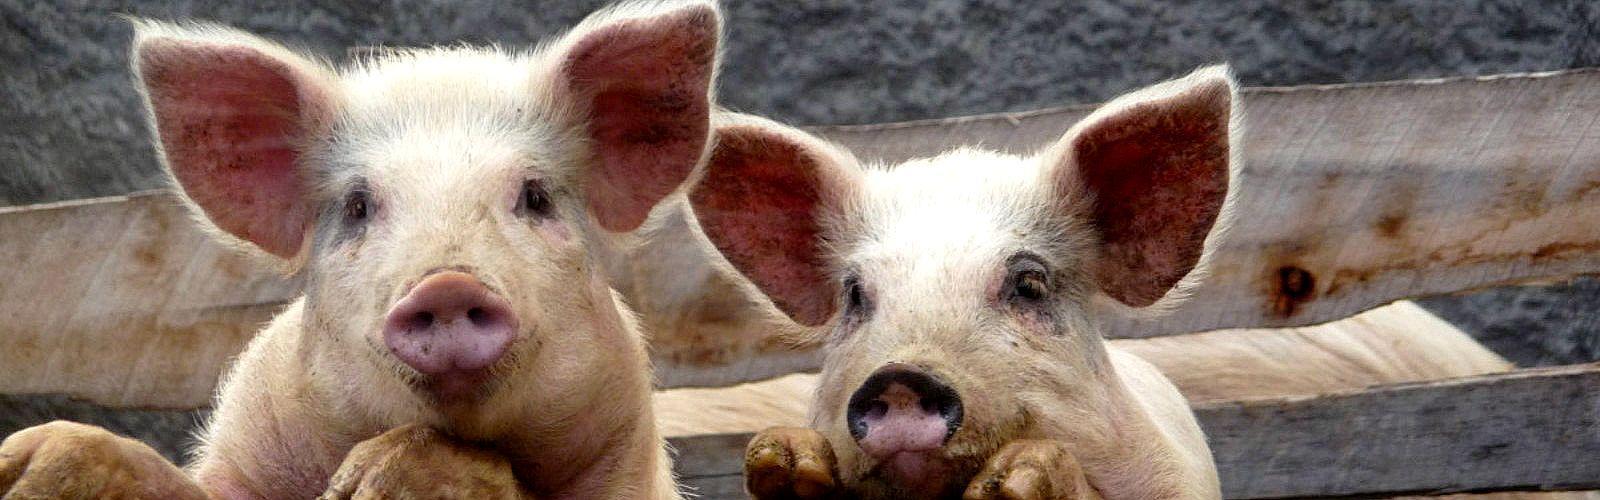 Elevage porcin dans une exploitation péruvienne. P.-Y. Le Gal © Cirad